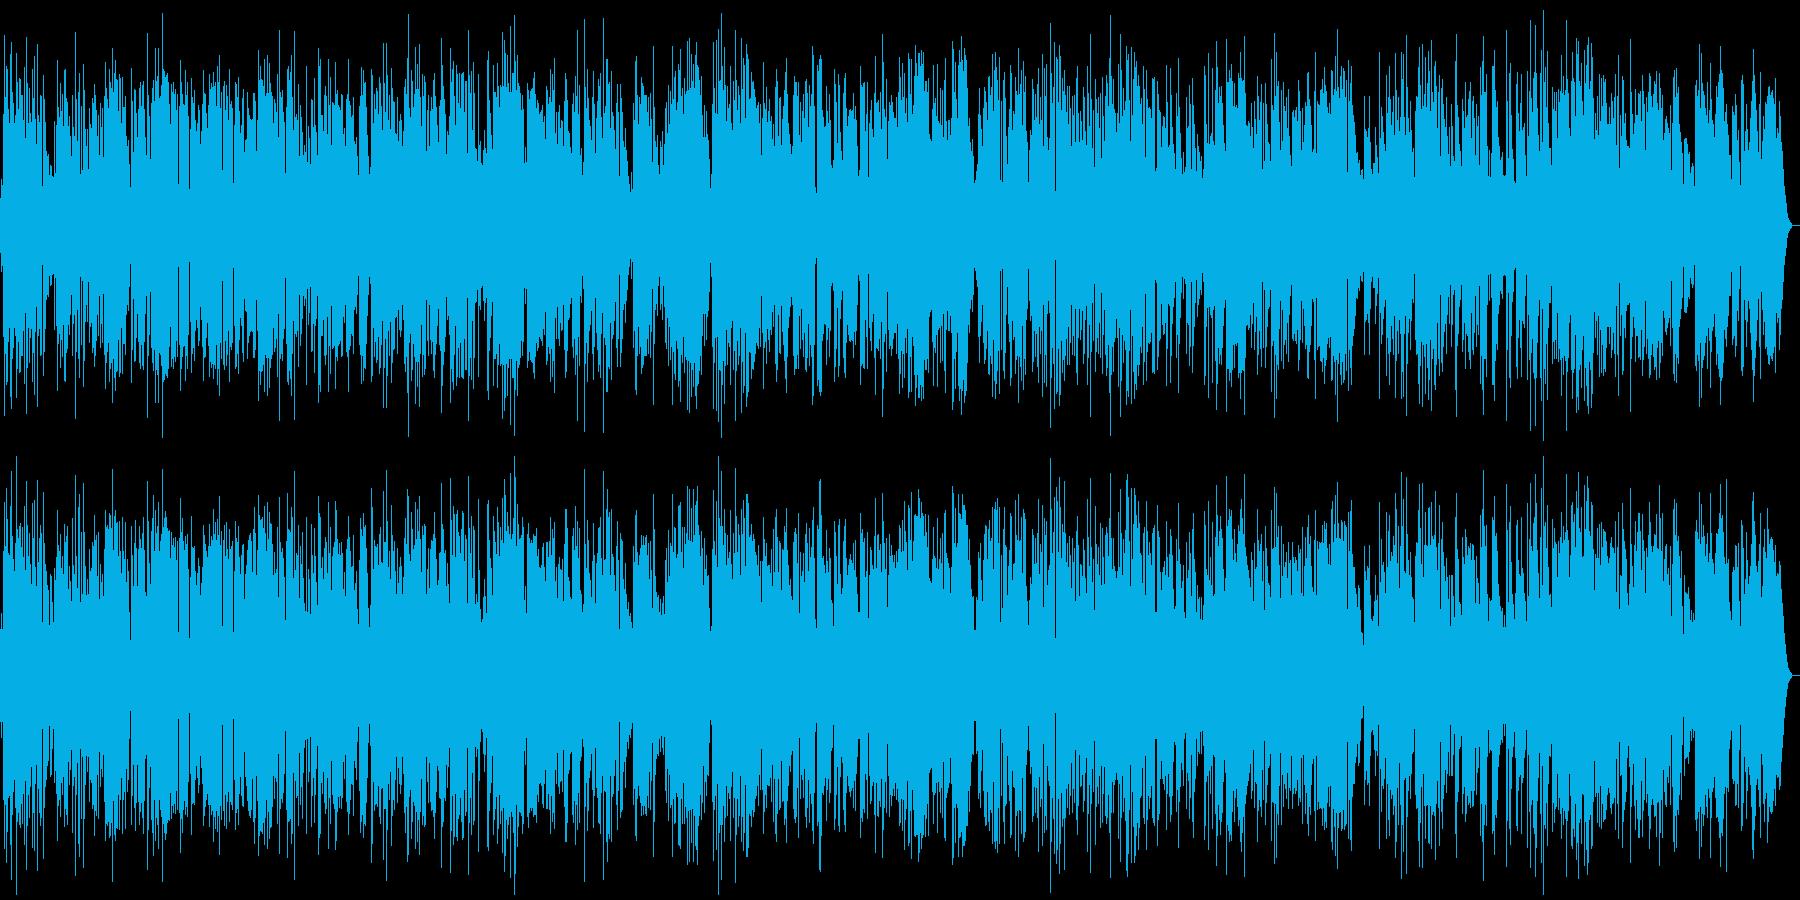 ギターを使ったお洒落なジャズの再生済みの波形